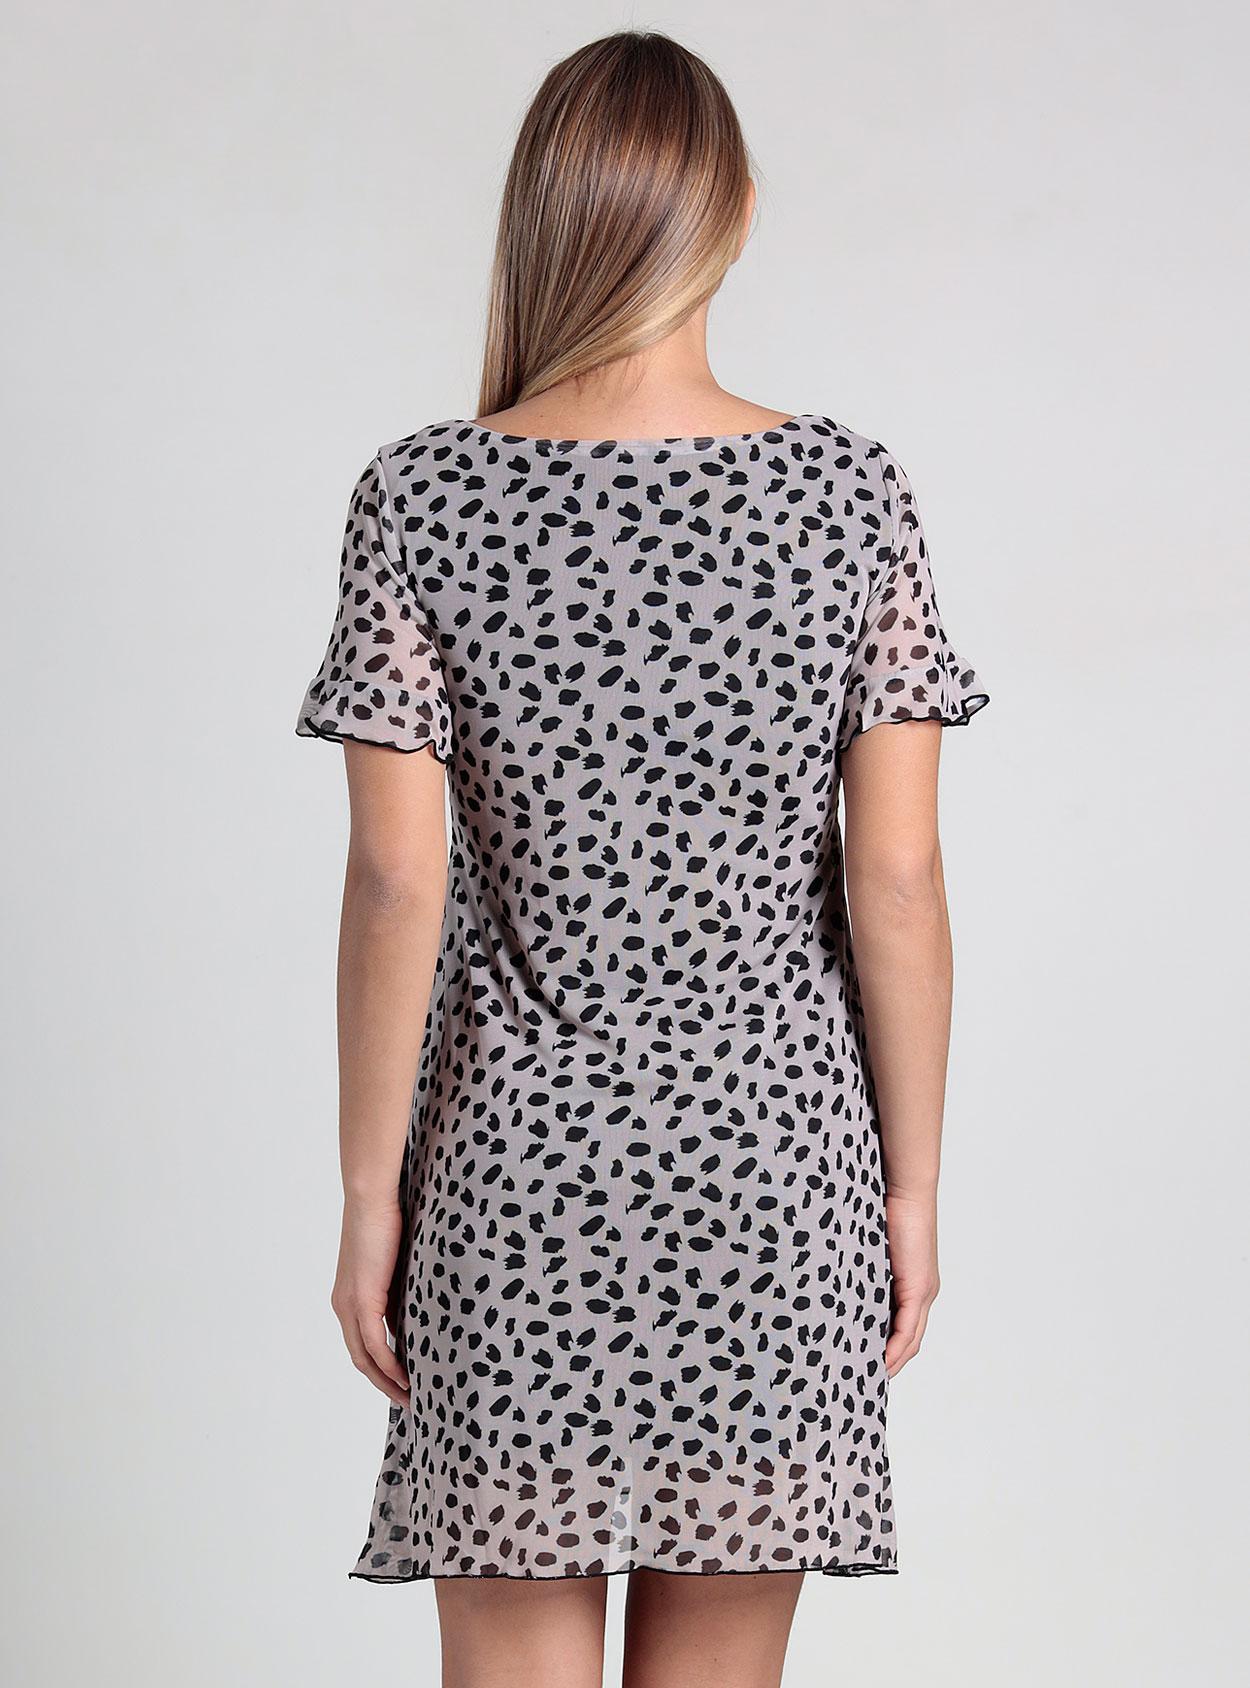 Vestido Lactancia estampado Animal Print